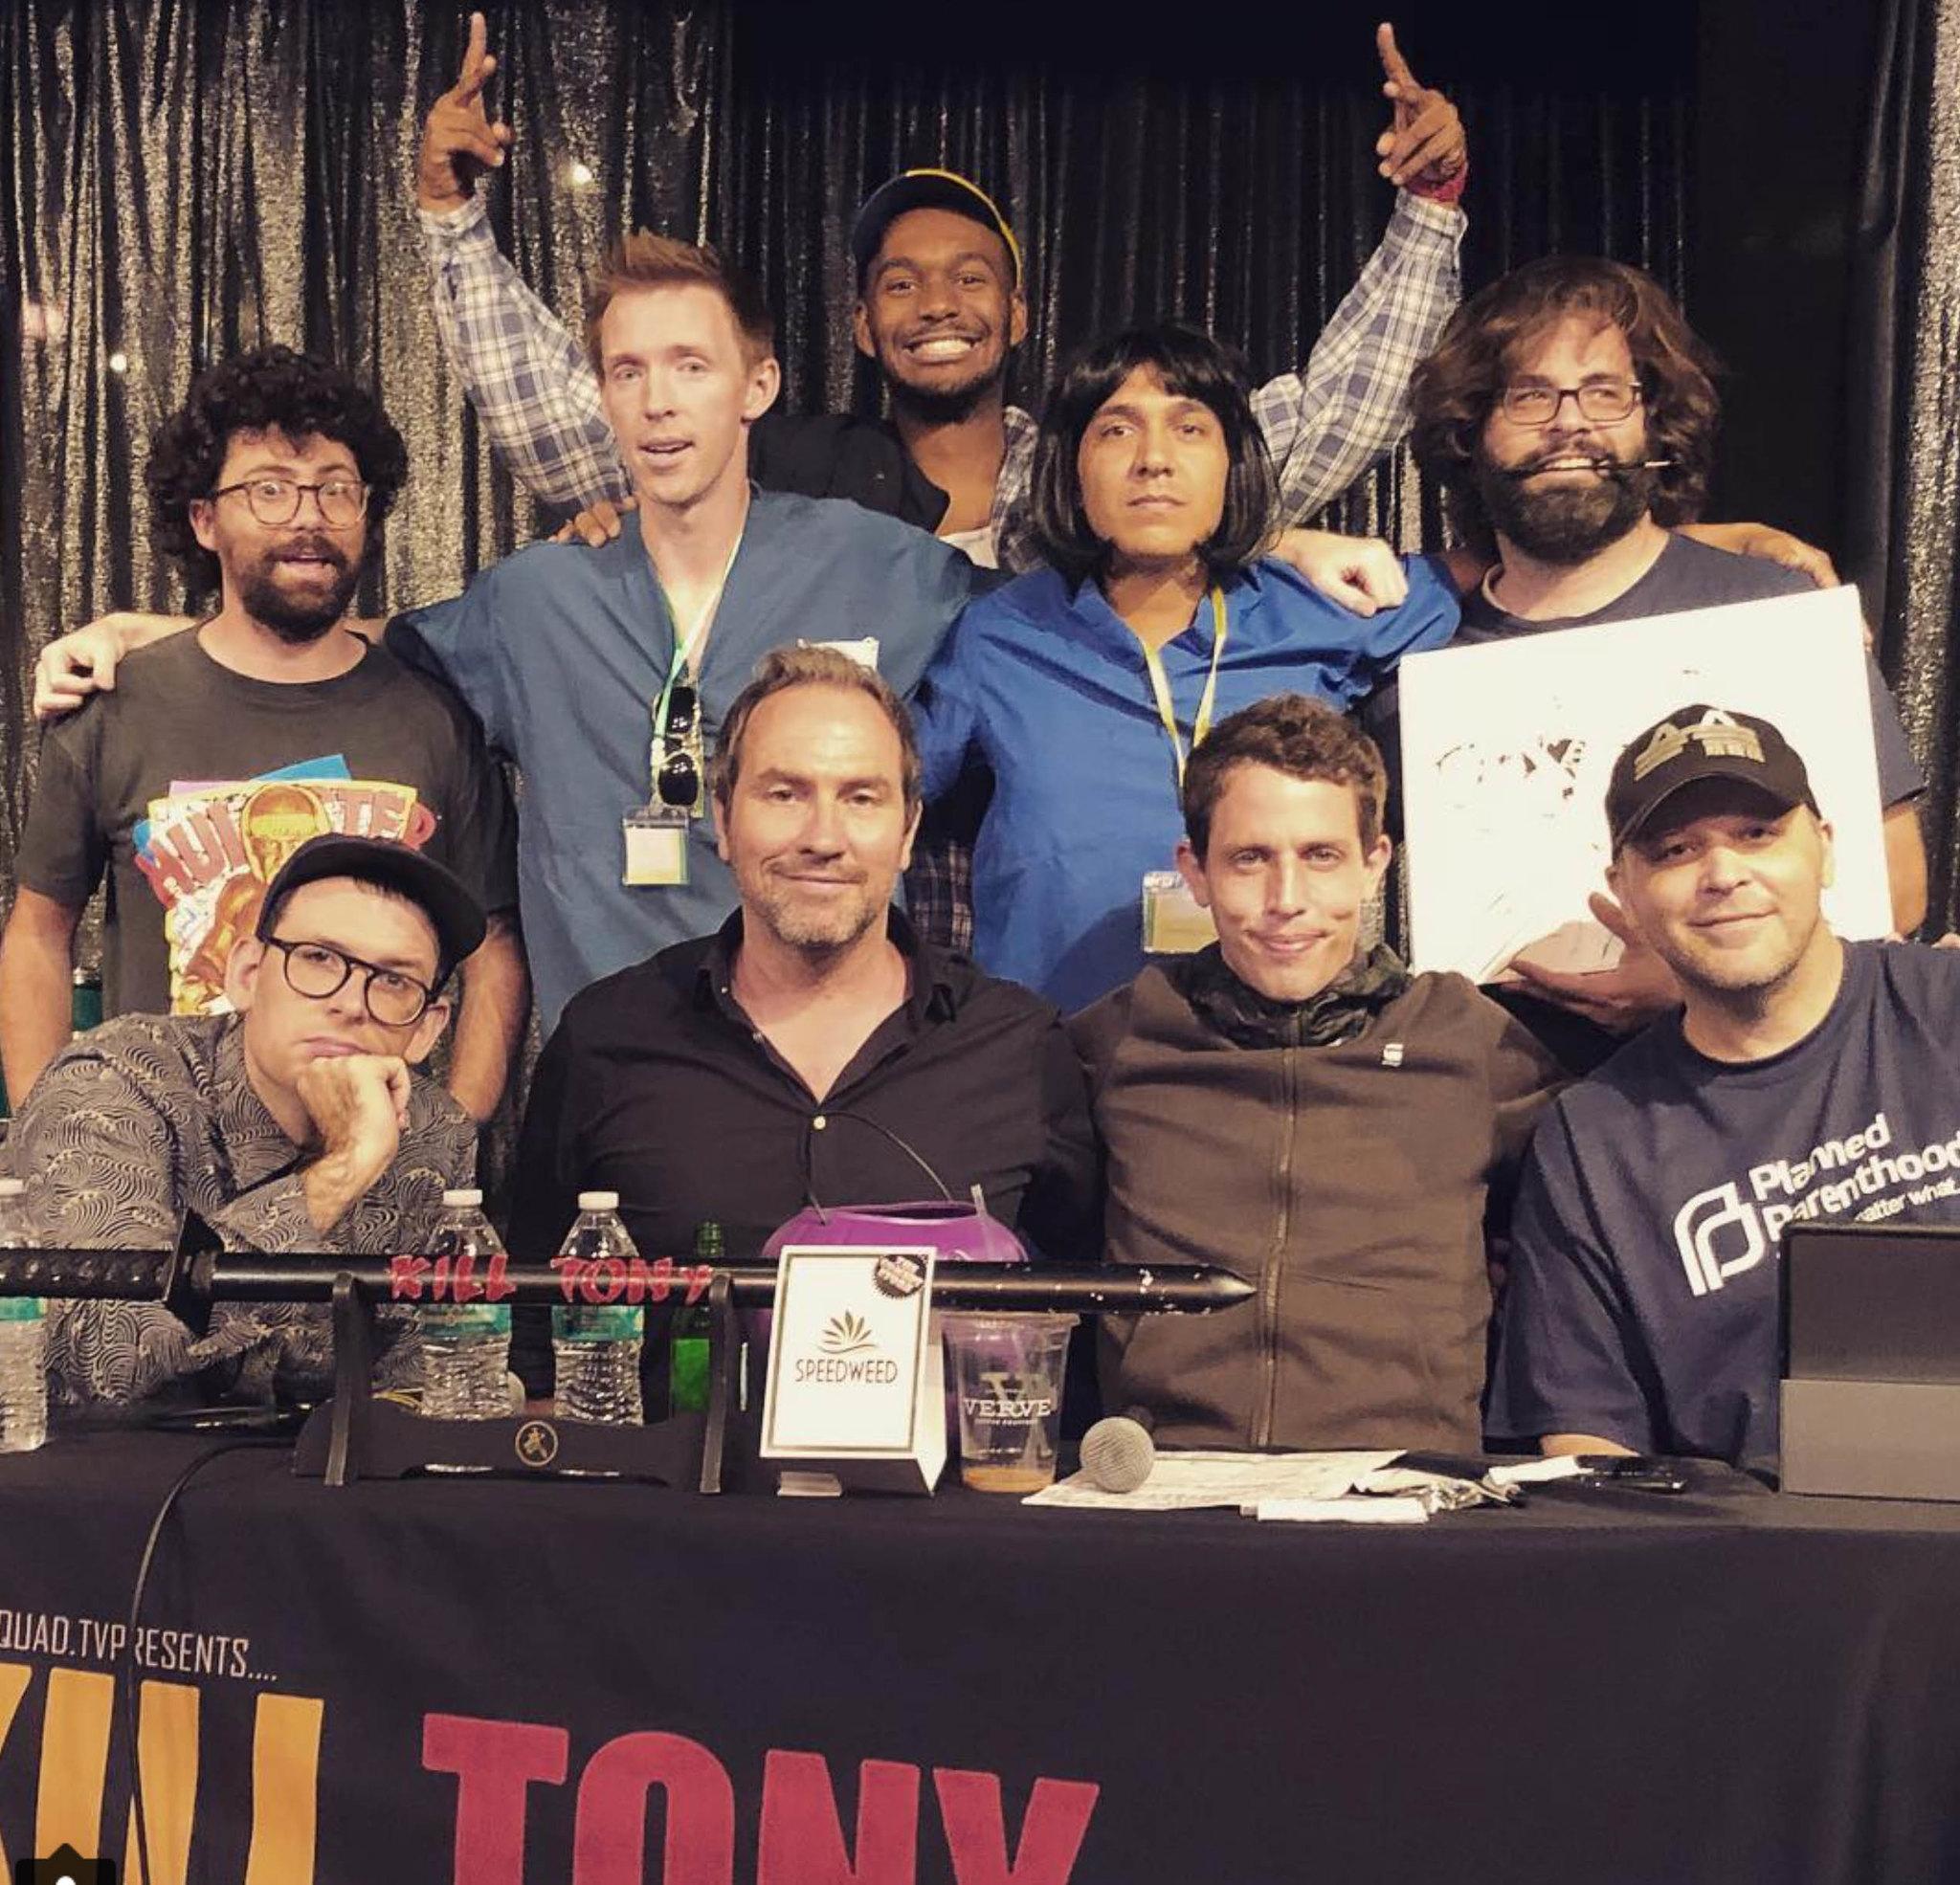 KILL TONY #277